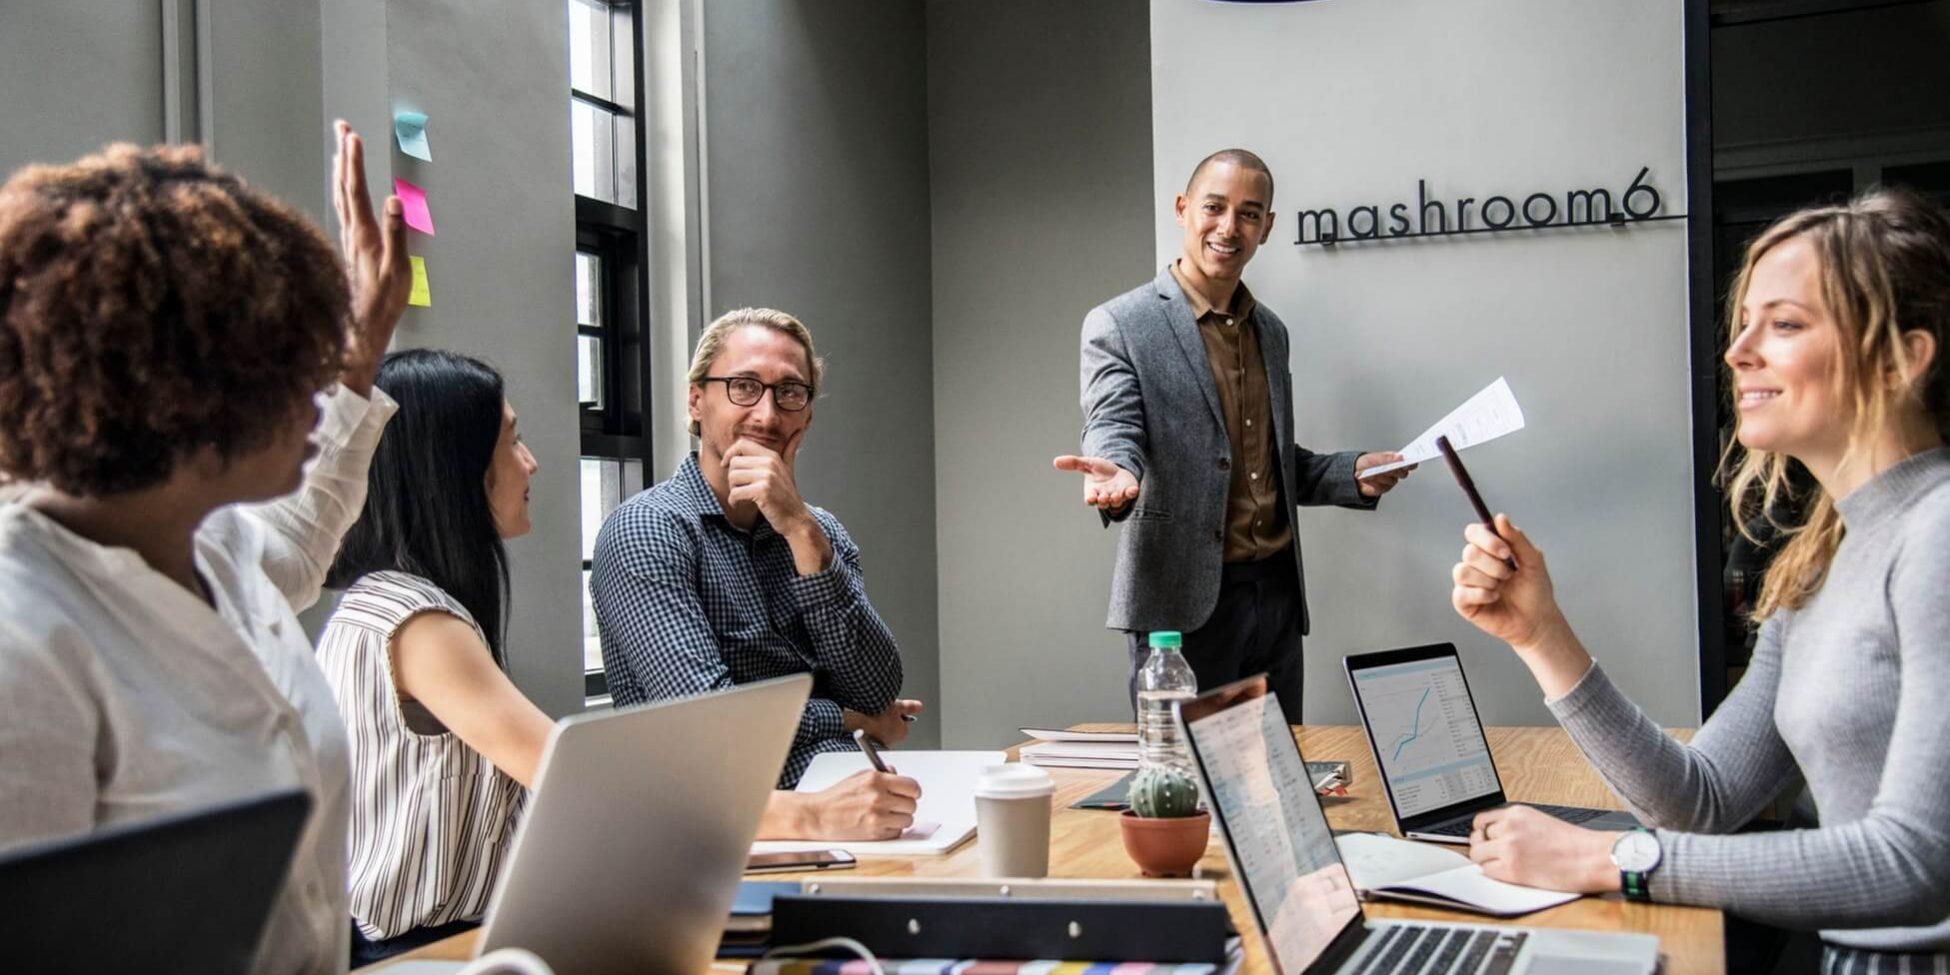 10 cách giữ chân nhân viên hiệu quả cho doanh nghiệp - X Hunter